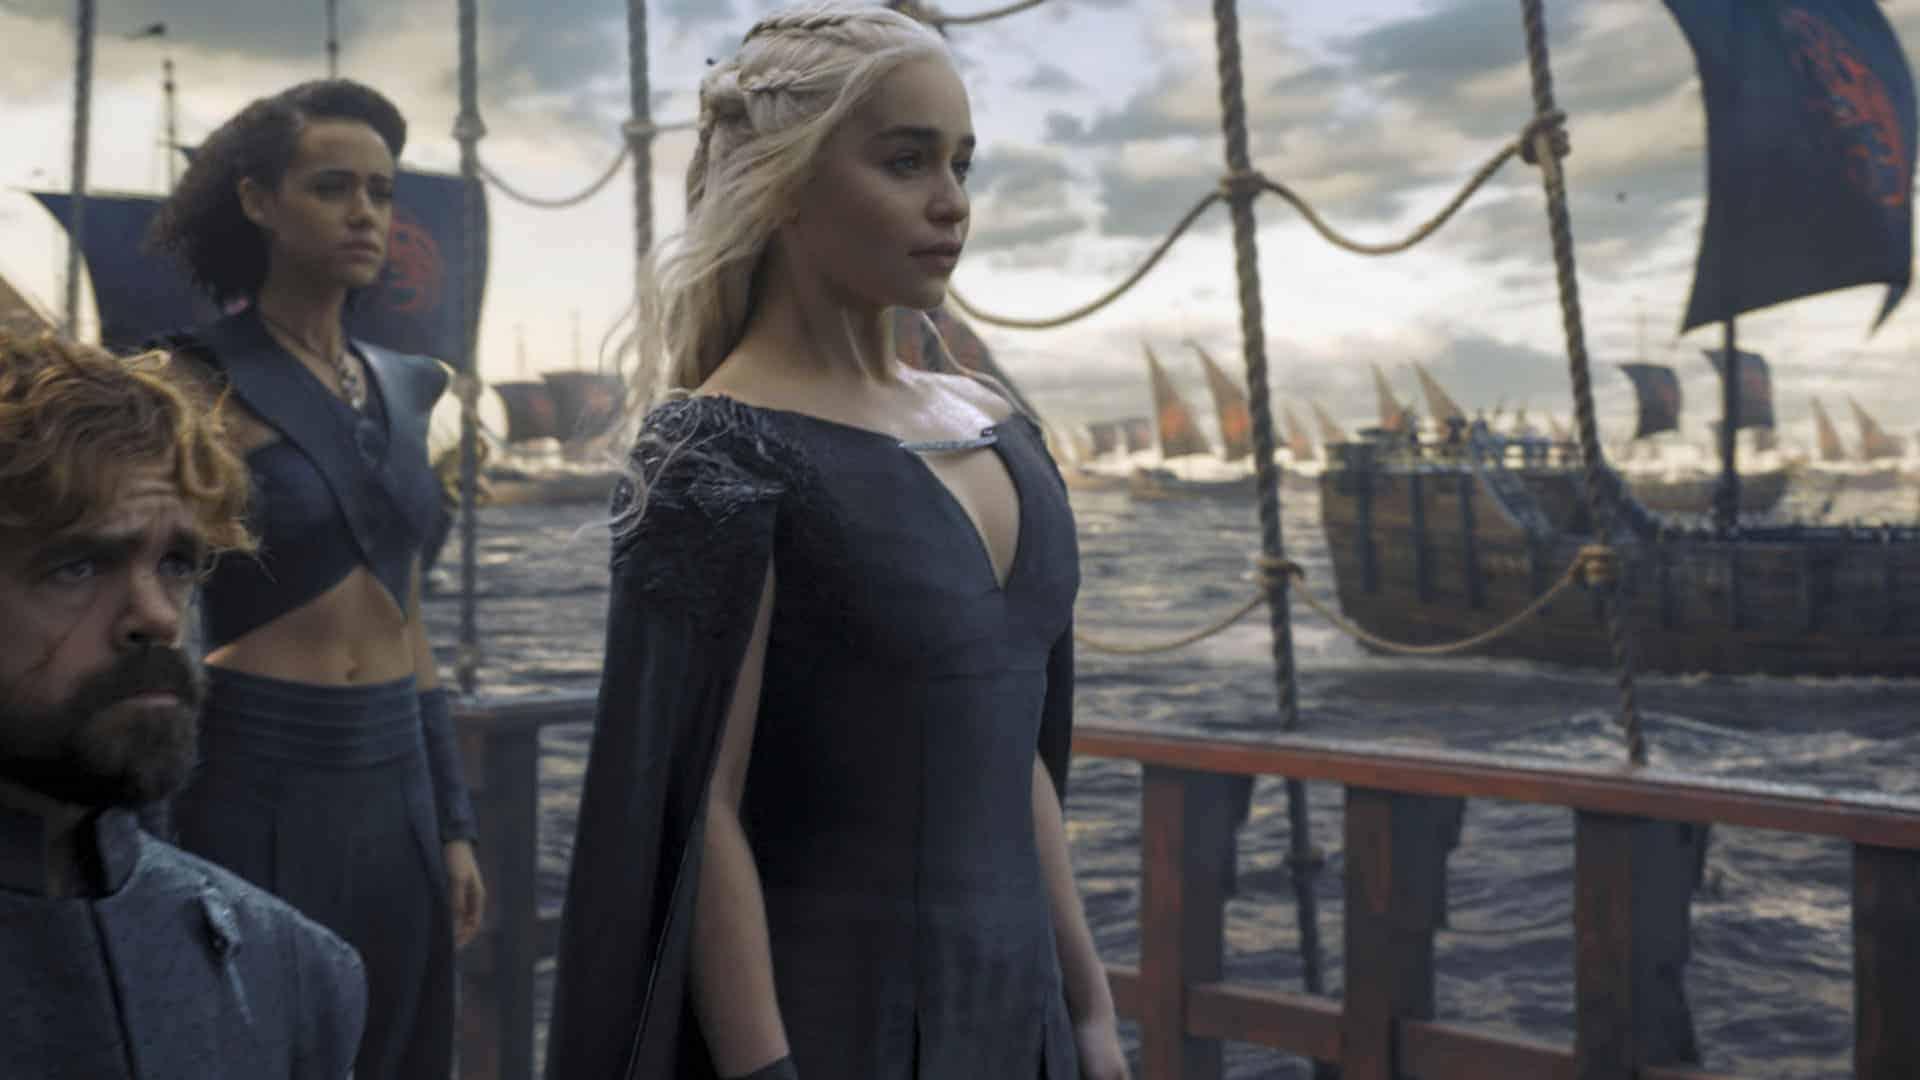 """L'univers de """"Game of Thrones"""" reviendra """"probablement"""" en 2022 d'après la chaine HBO"""